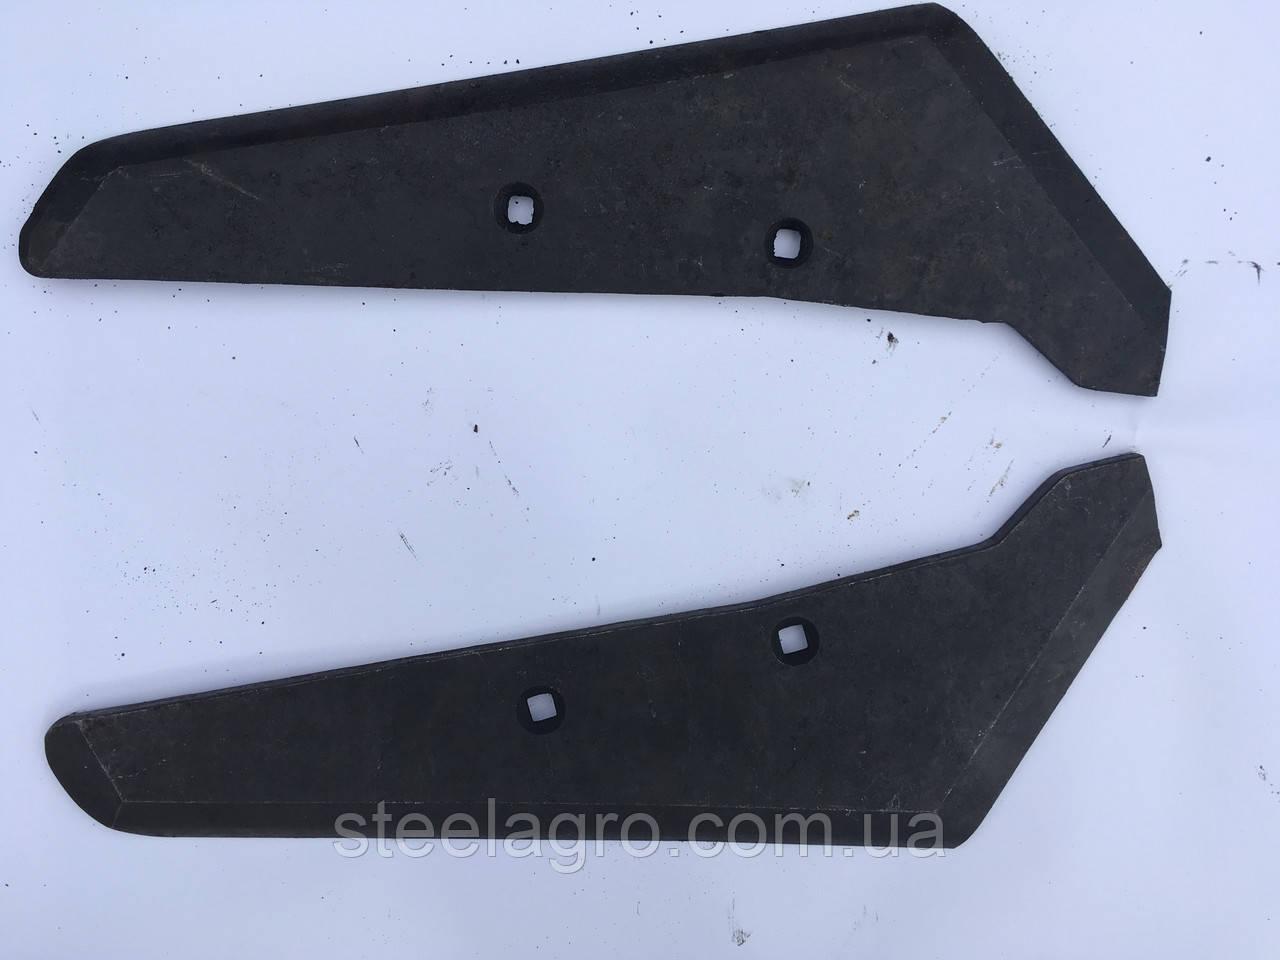 Леміш копальника Holmer (лівий, правий) ст65Г s=10мм